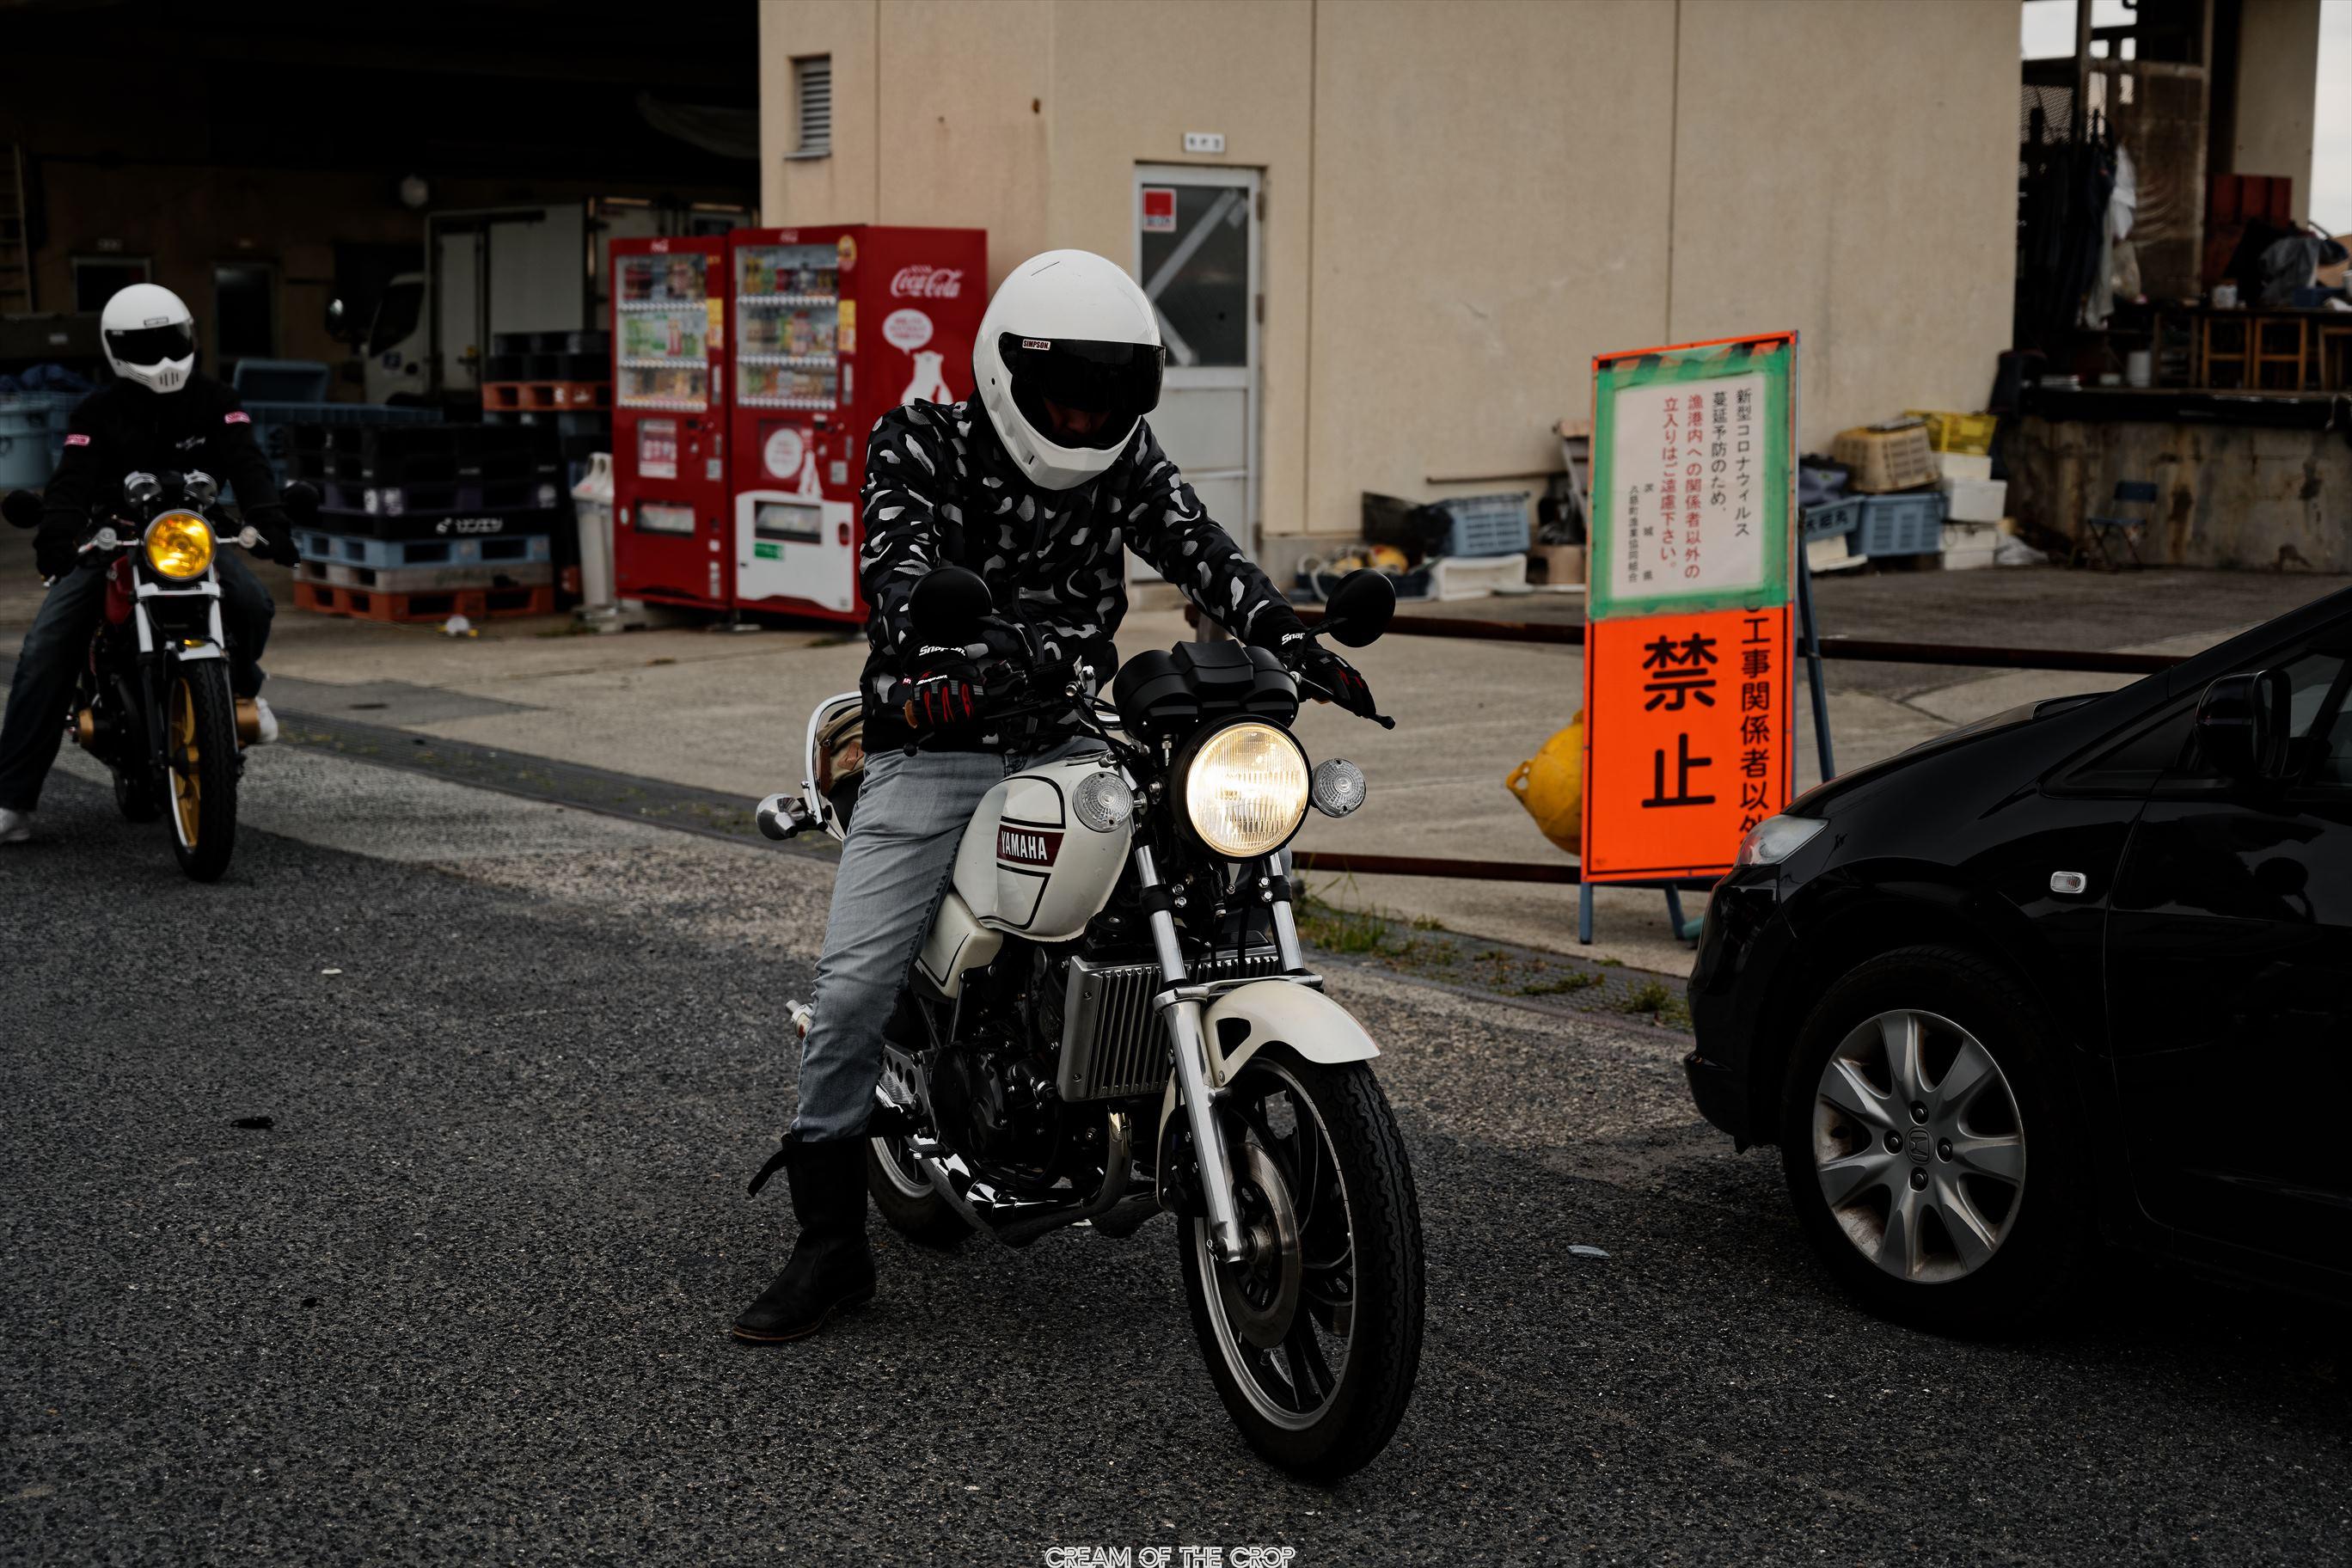 DSC_0437_awe_re.jpg